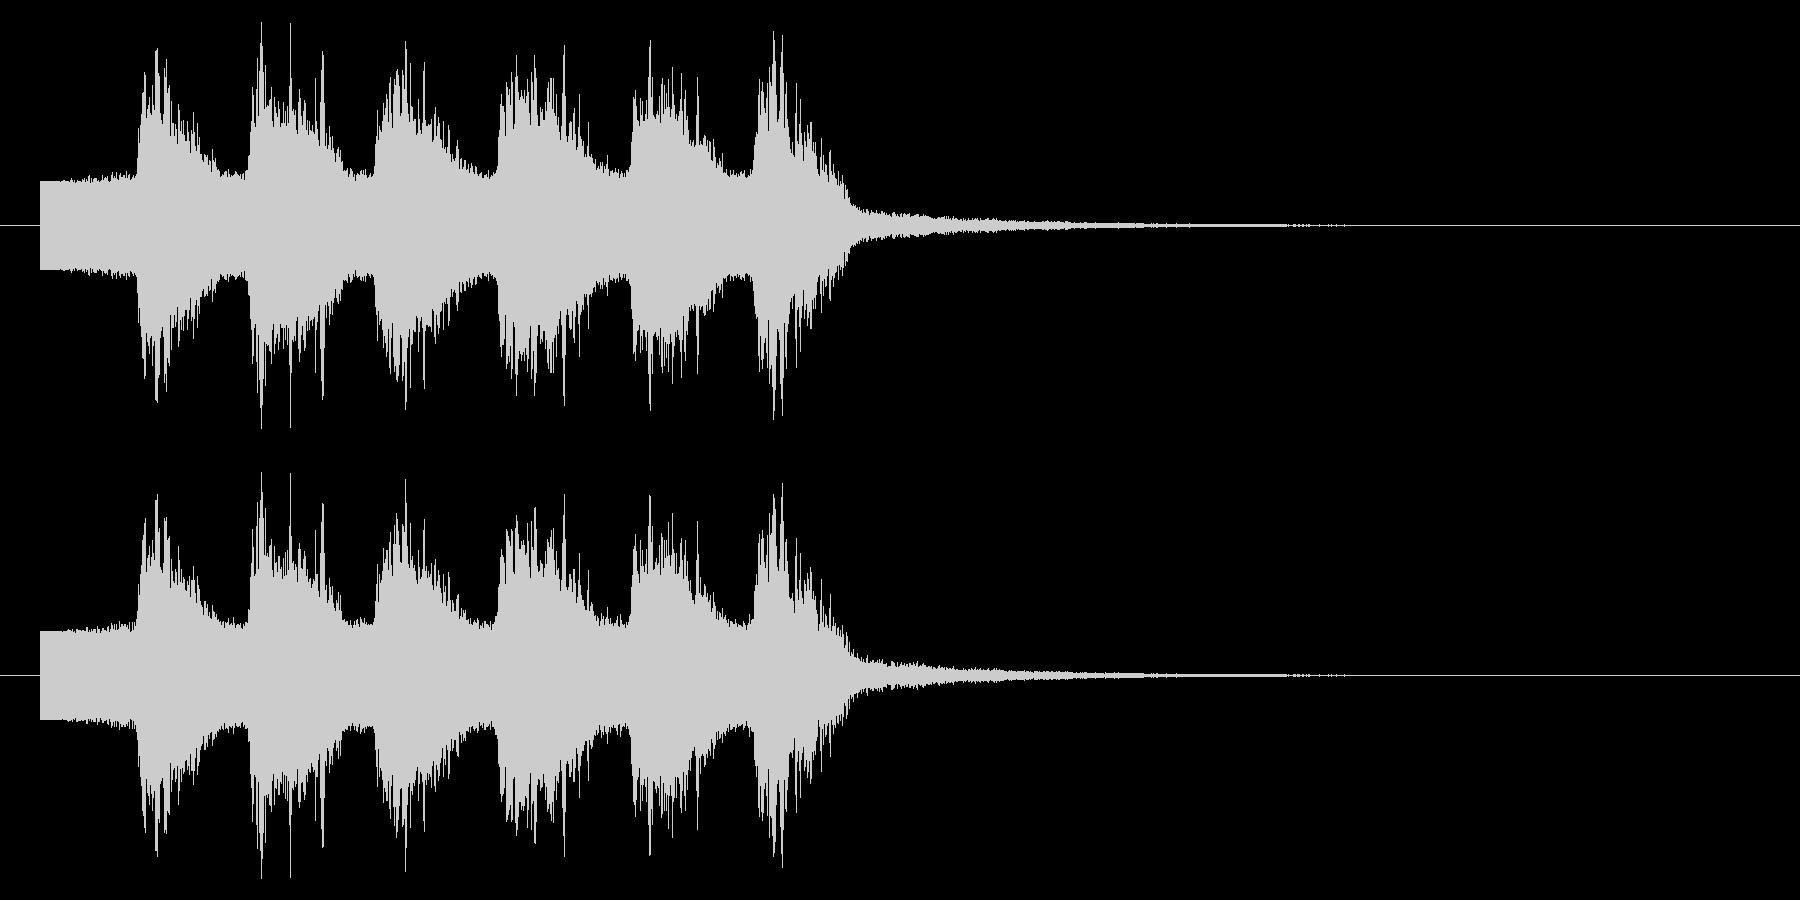 光線 ビーム インパクト音の未再生の波形